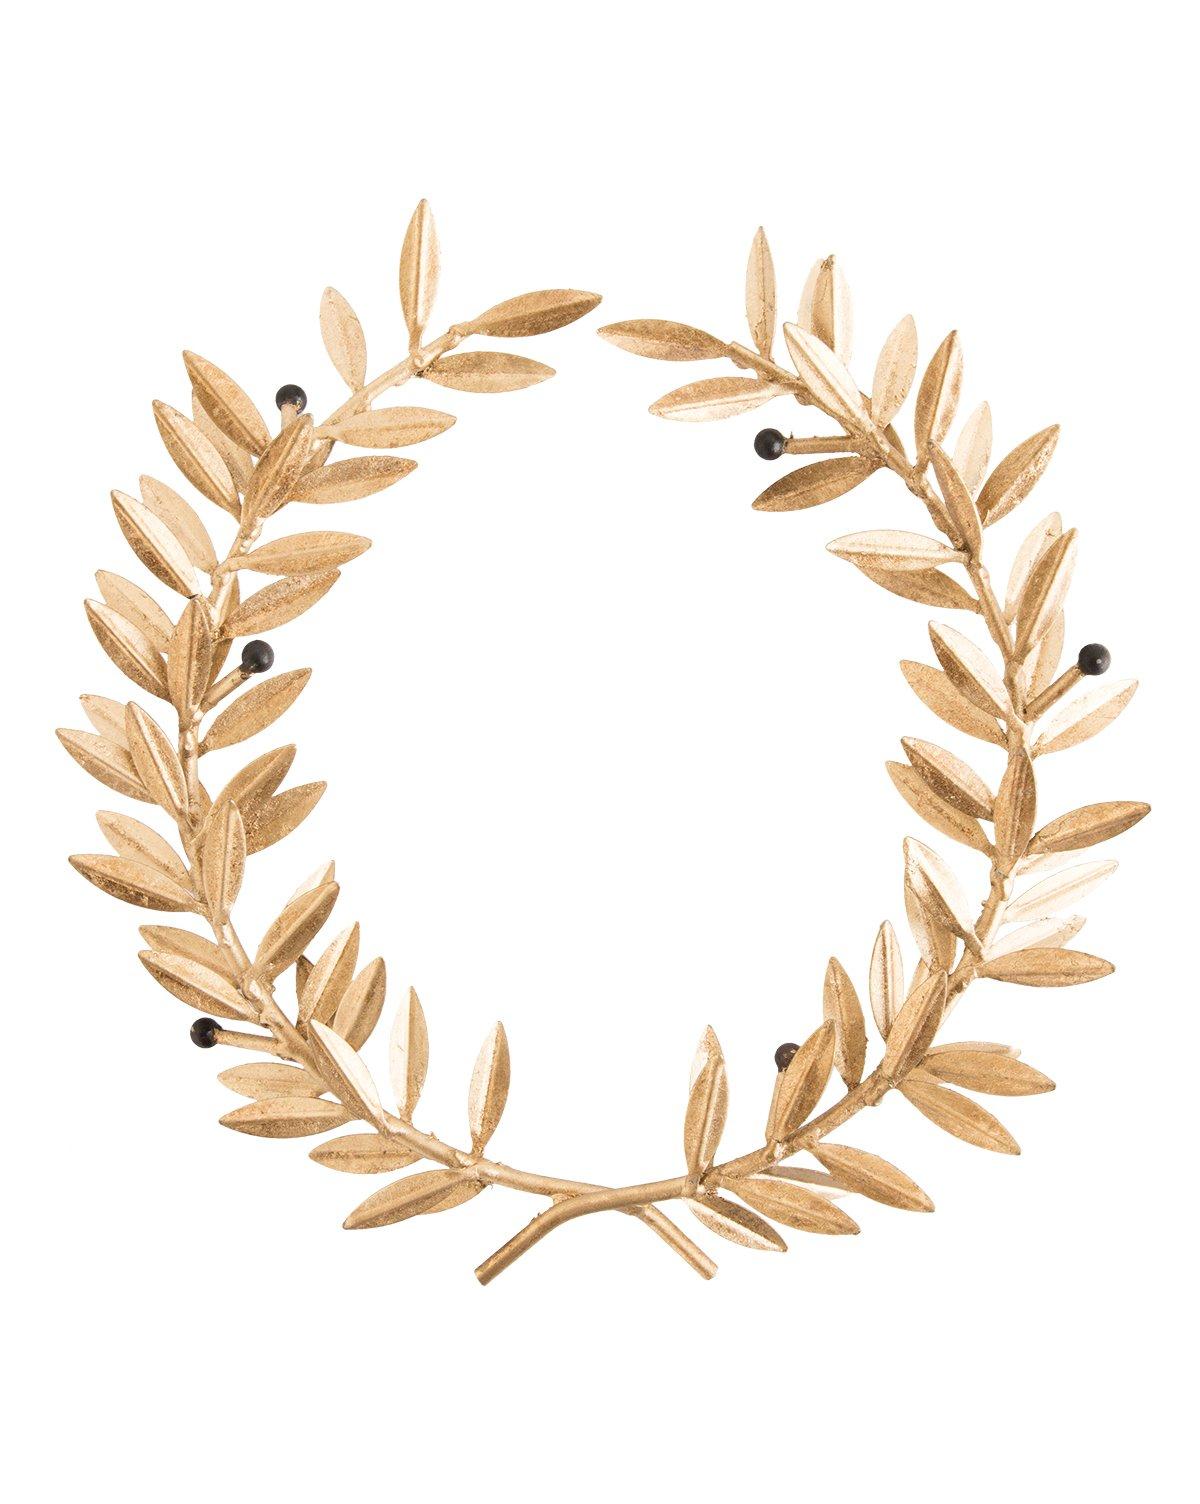 Olea_Wreath_Object_1.jpg